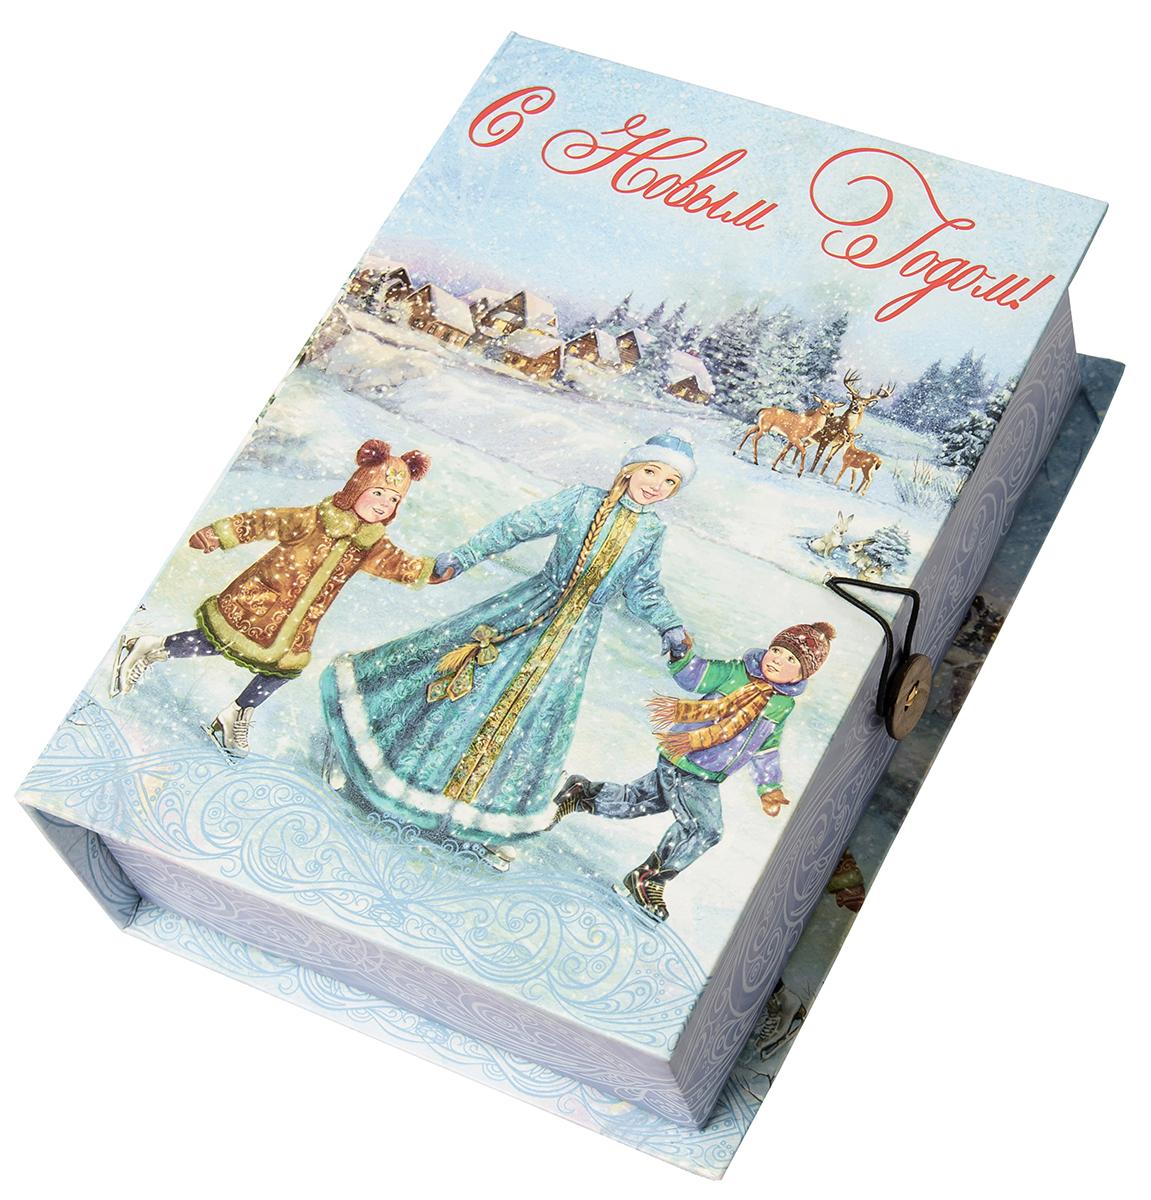 Коробка подарочная Magic Time Зимние забавы, размер S. 7503275032Подарочная коробка Magic Time, выполненная из мелованного, ламинированного картона, закрывается на пуговицу. Крышка оформлена декоративным рисунком. Подарочная коробка - это наилучшее решение, если вы хотите порадовать ваших близких и создать праздничное настроение, ведь подарок, преподнесенный в оригинальной упаковке, всегда будет самым эффектным и запоминающимся. Окружите близких людей вниманием и заботой, вручив презент в нарядном, праздничном оформлении.Плотность картона: 1100 г/м2.